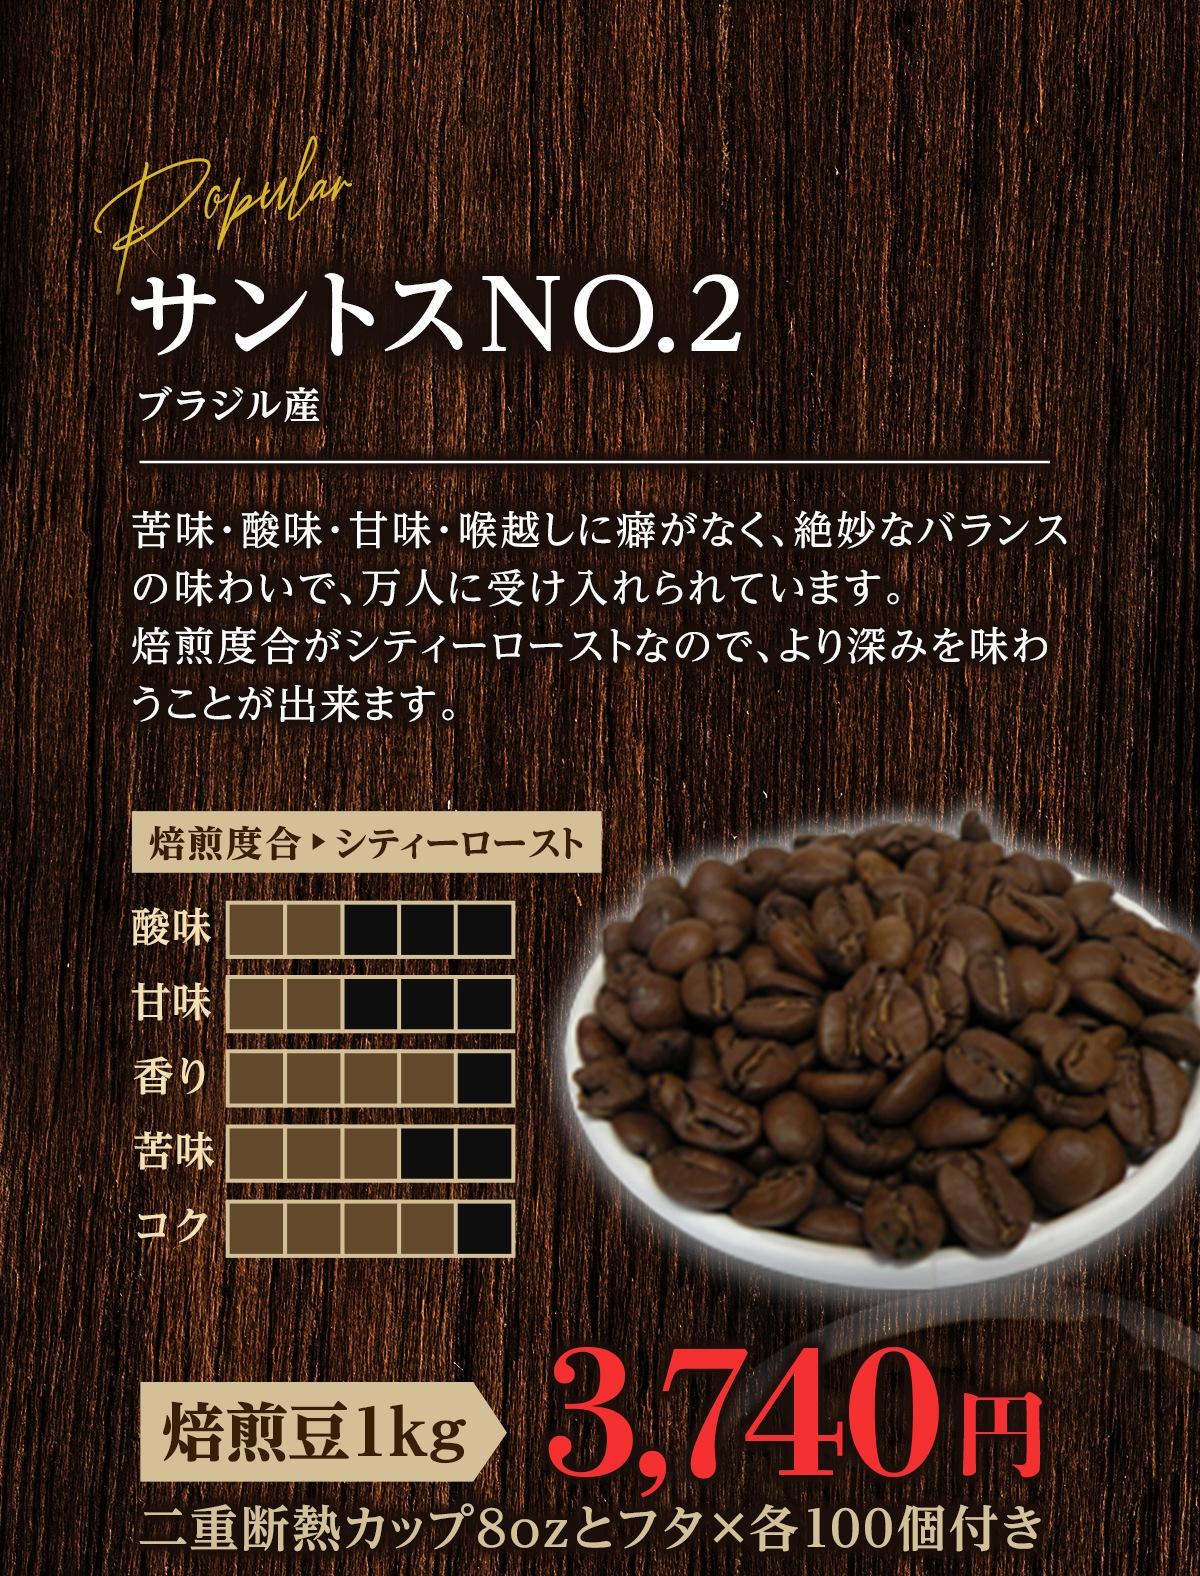 コーヒー豆 サントスNO.2